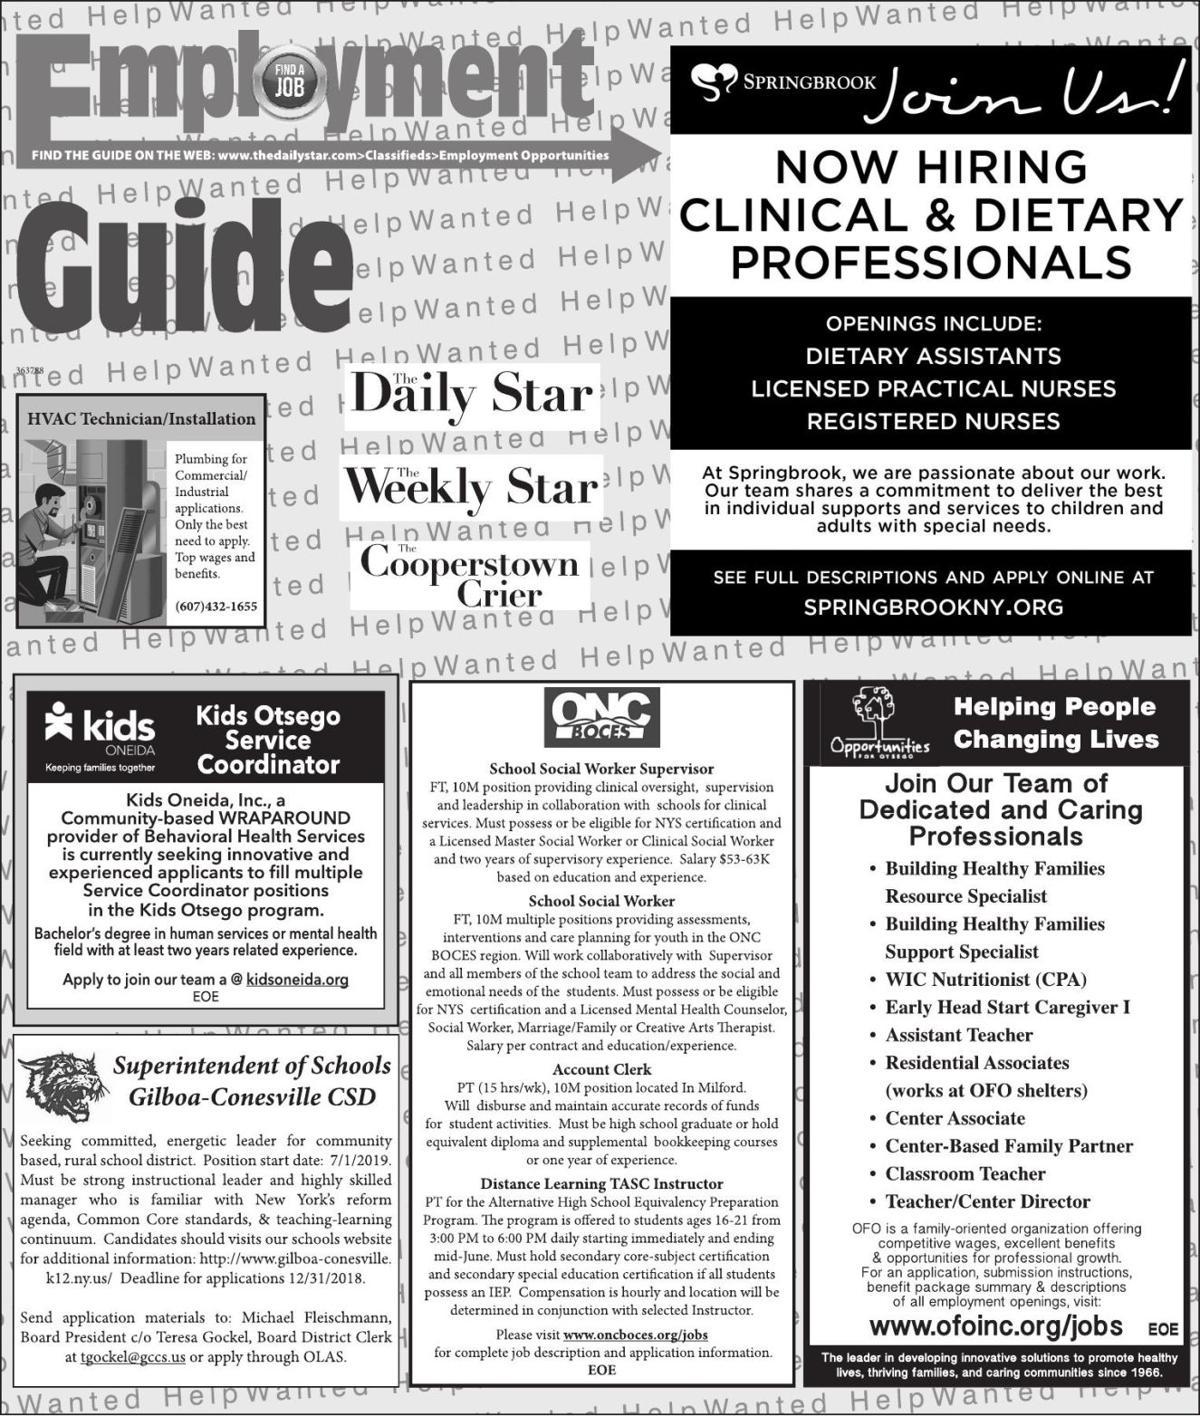 Employment Opportunities 12/15/2018